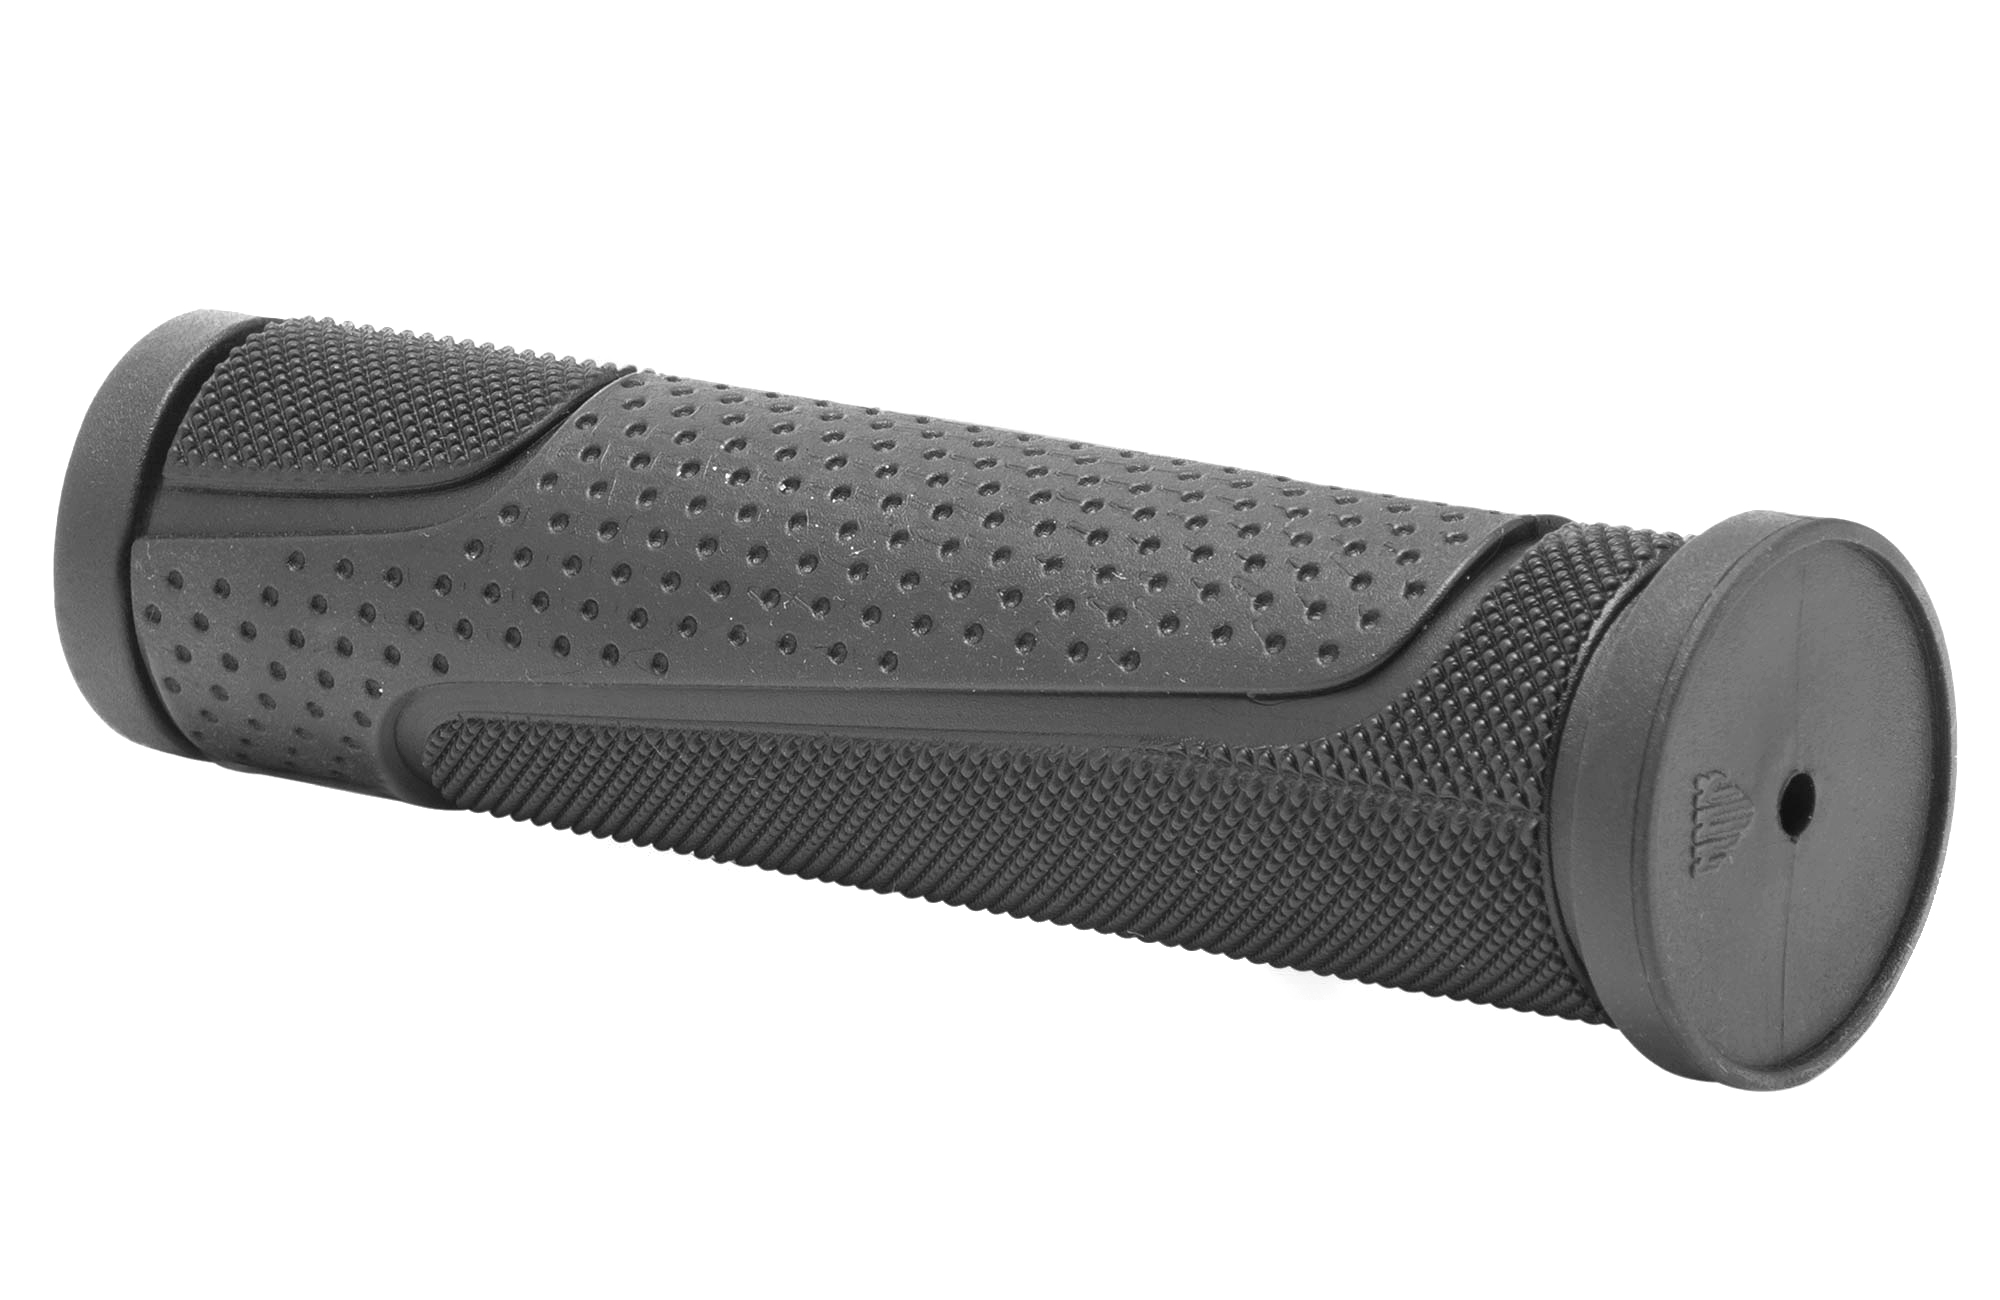 Купить Грипсы XH-G56 125 мм в интернет магазине. Цены, фото, описания, характеристики, отзывы, обзоры